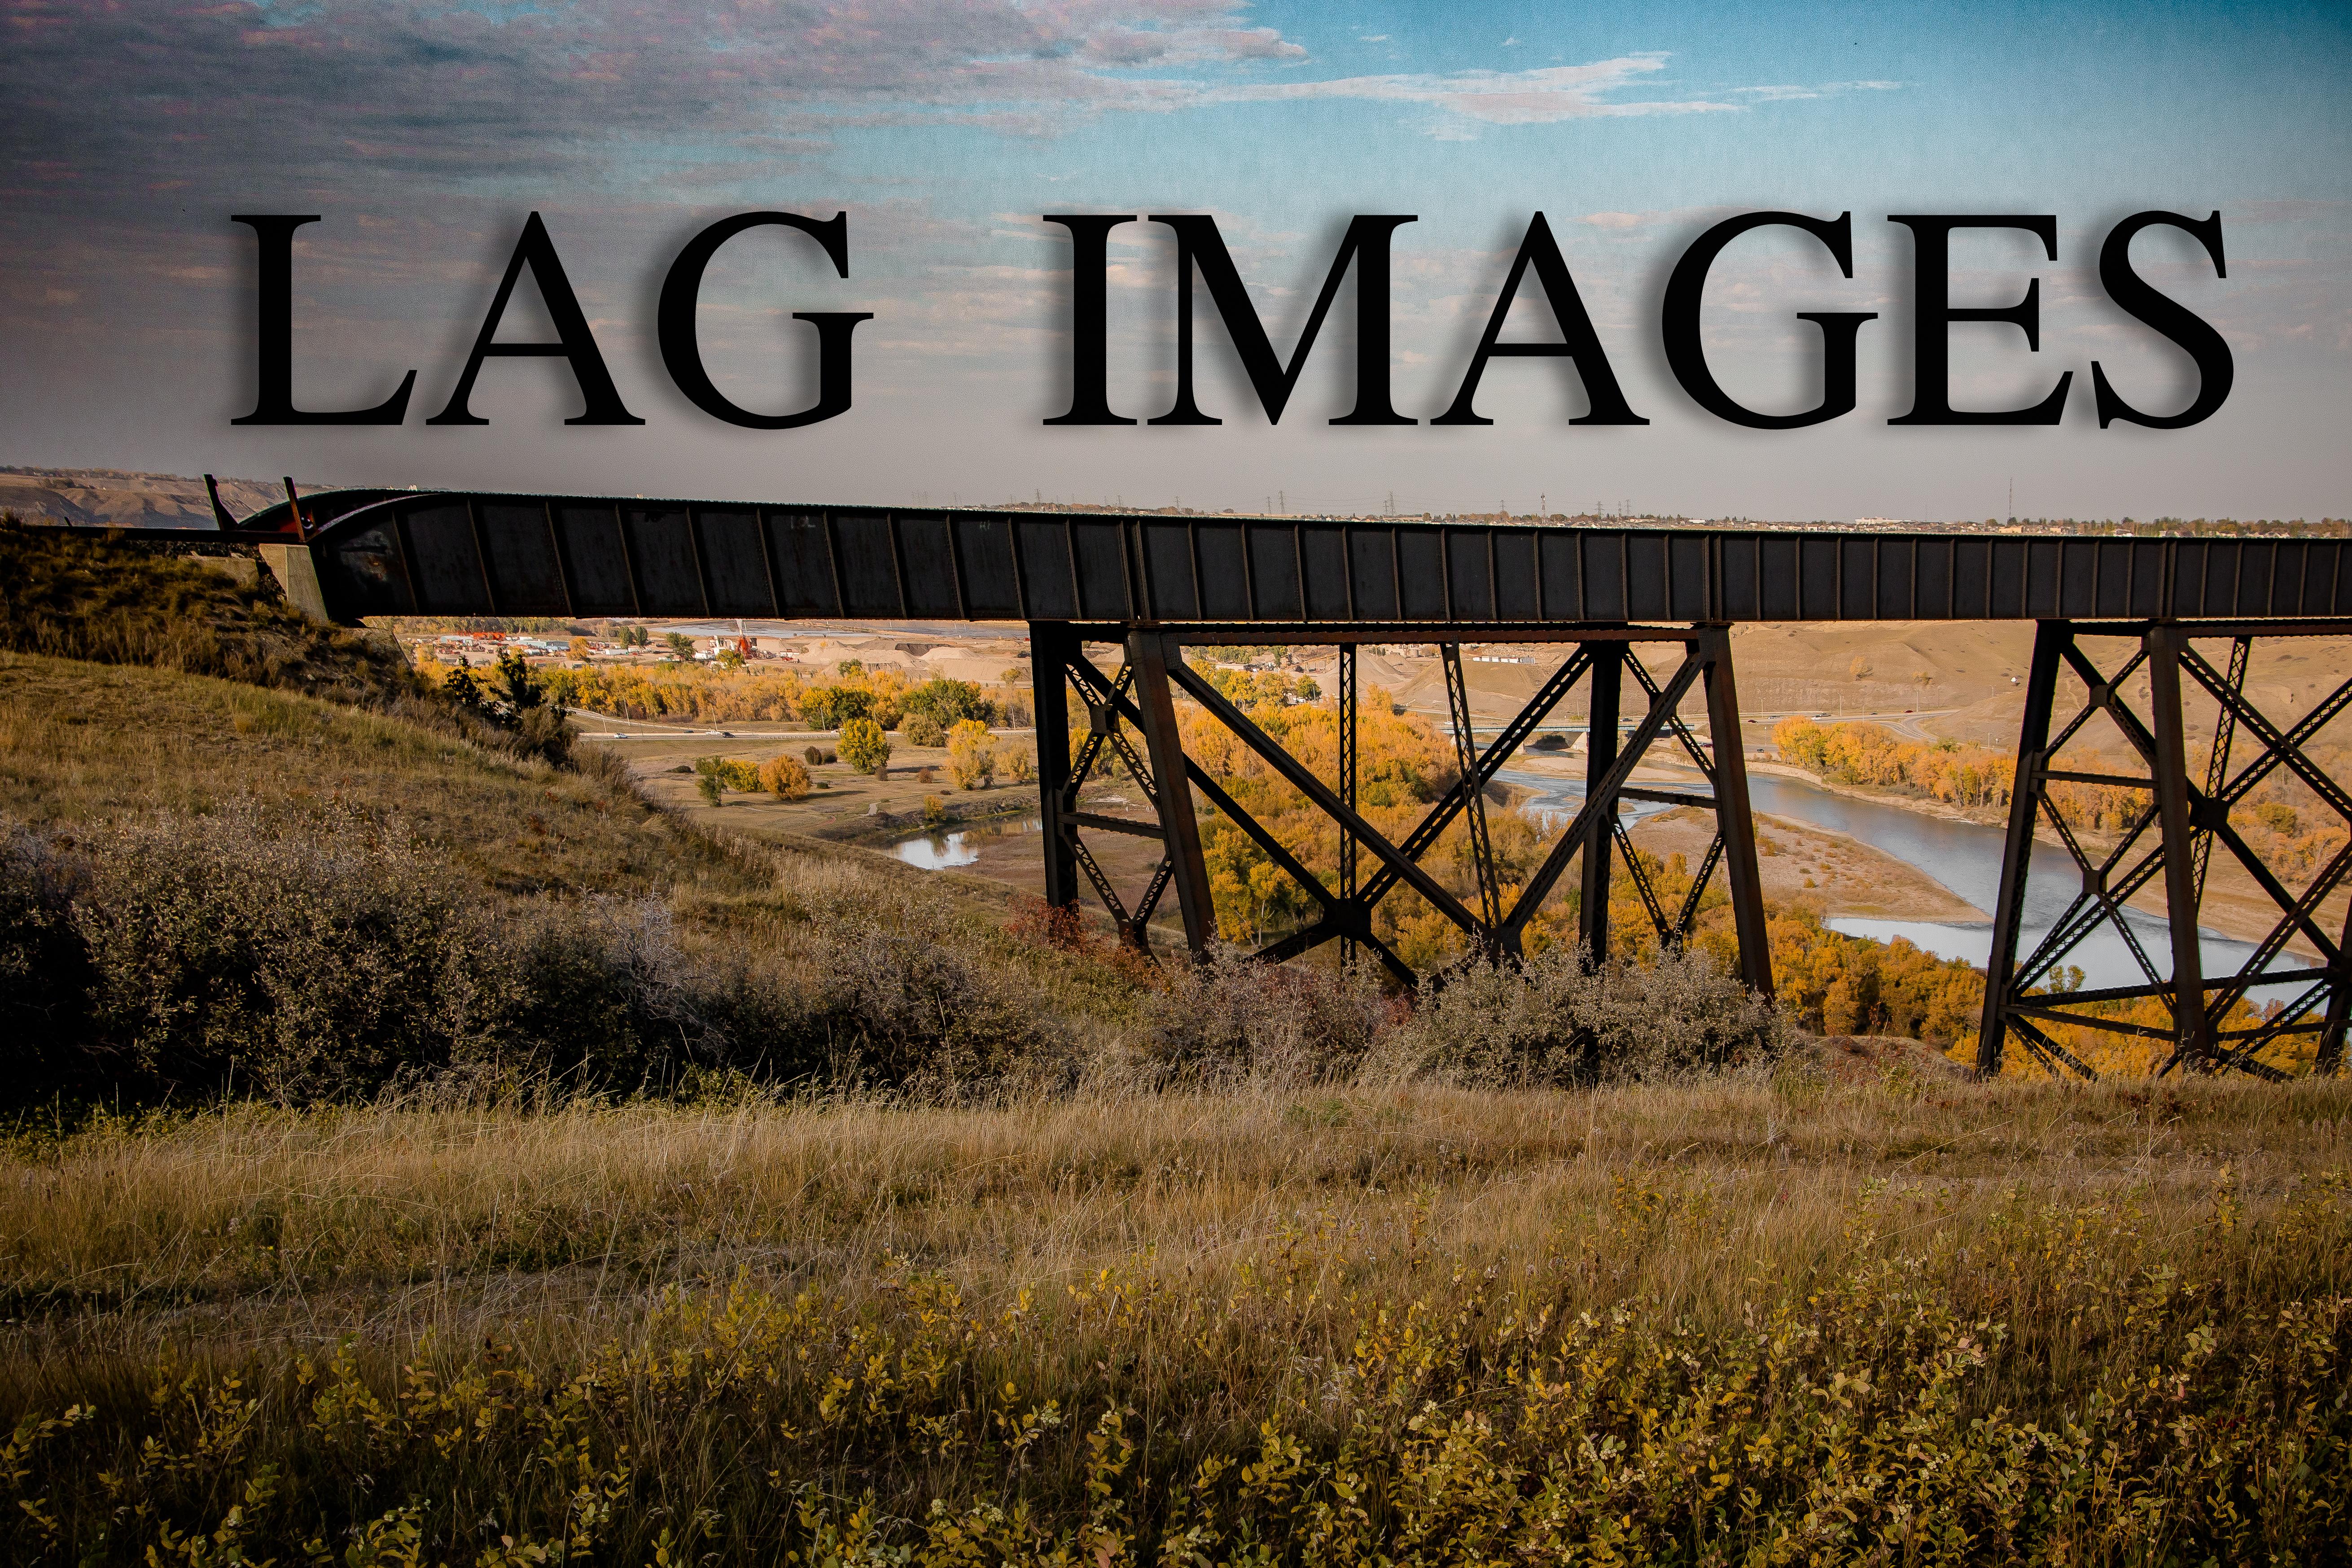 LAG IMAGES's Signature